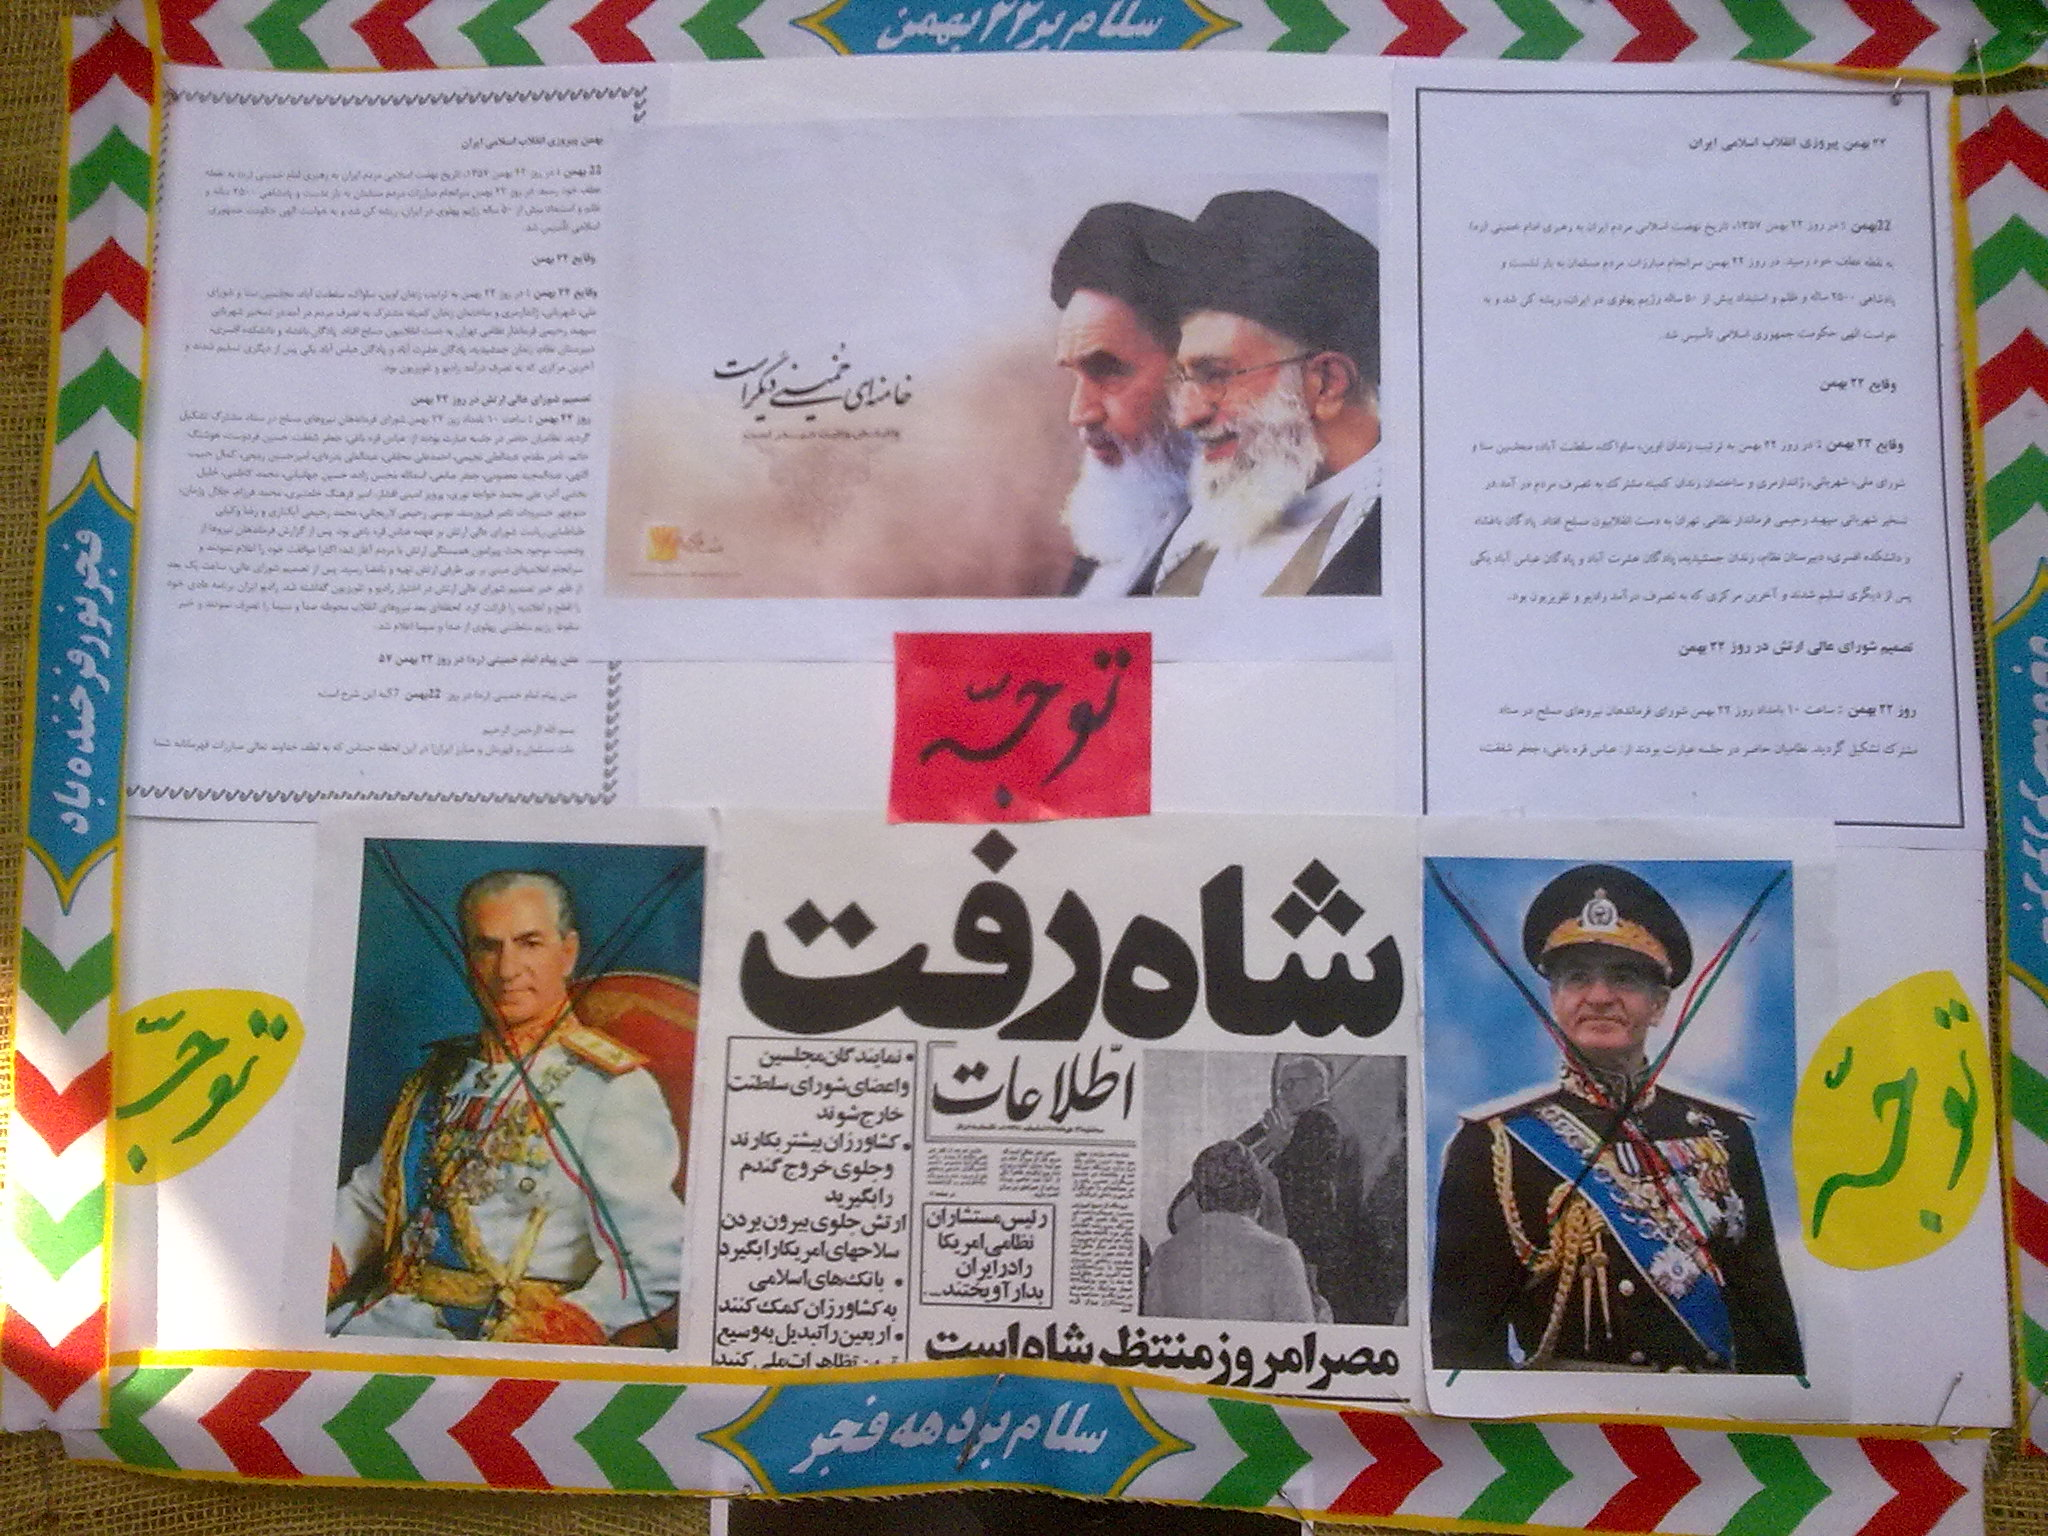 تصاویر نمونه  روزنامه دیواری دهه فجر